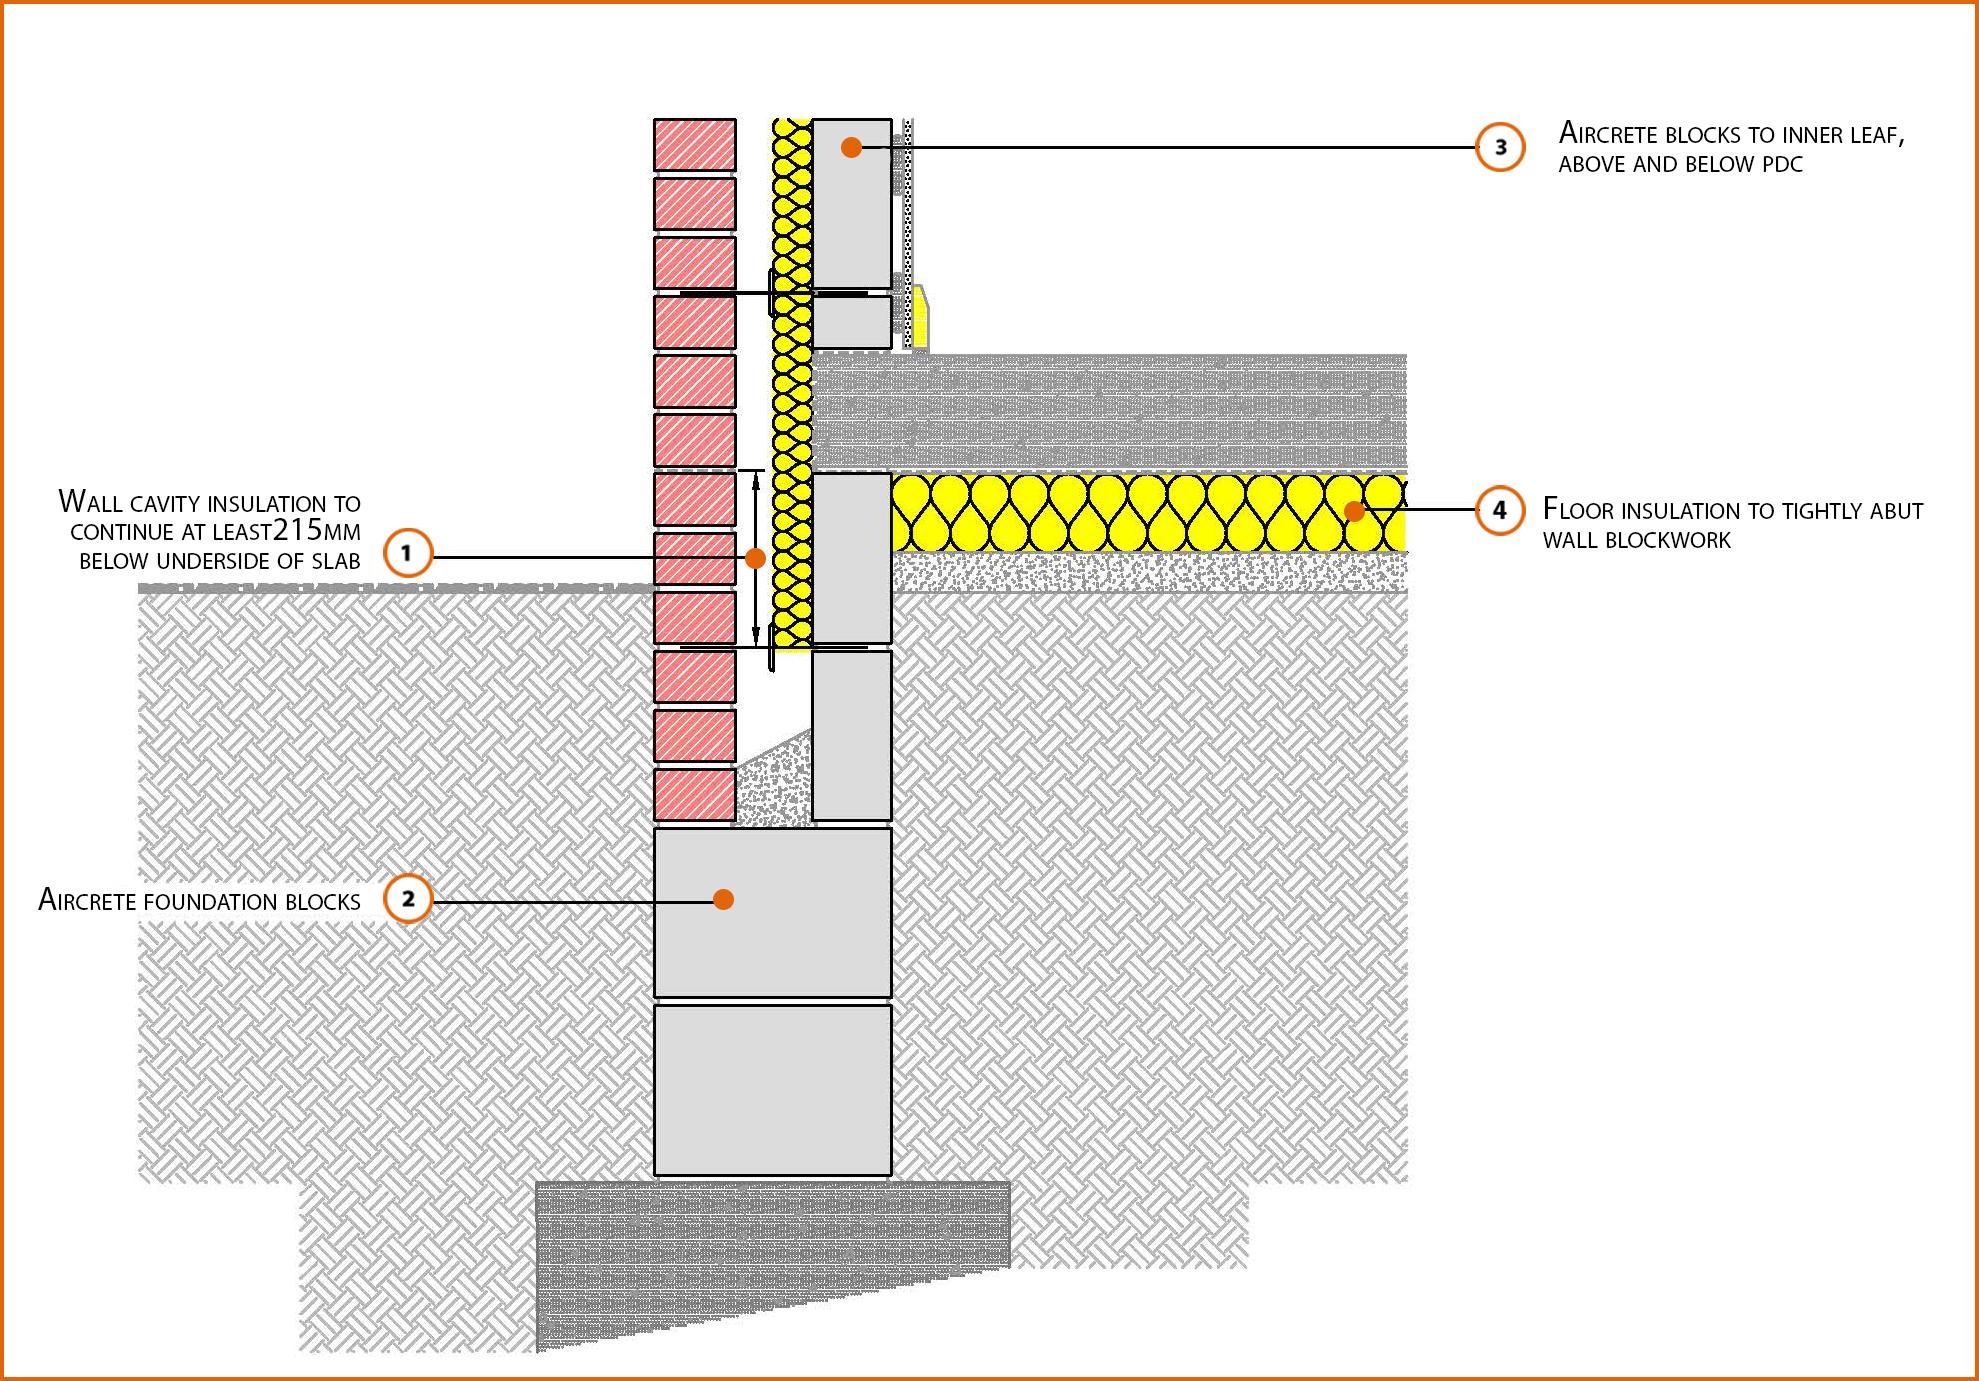 E5mcpf28 Suspended In Situ Concrete Floor Insulation